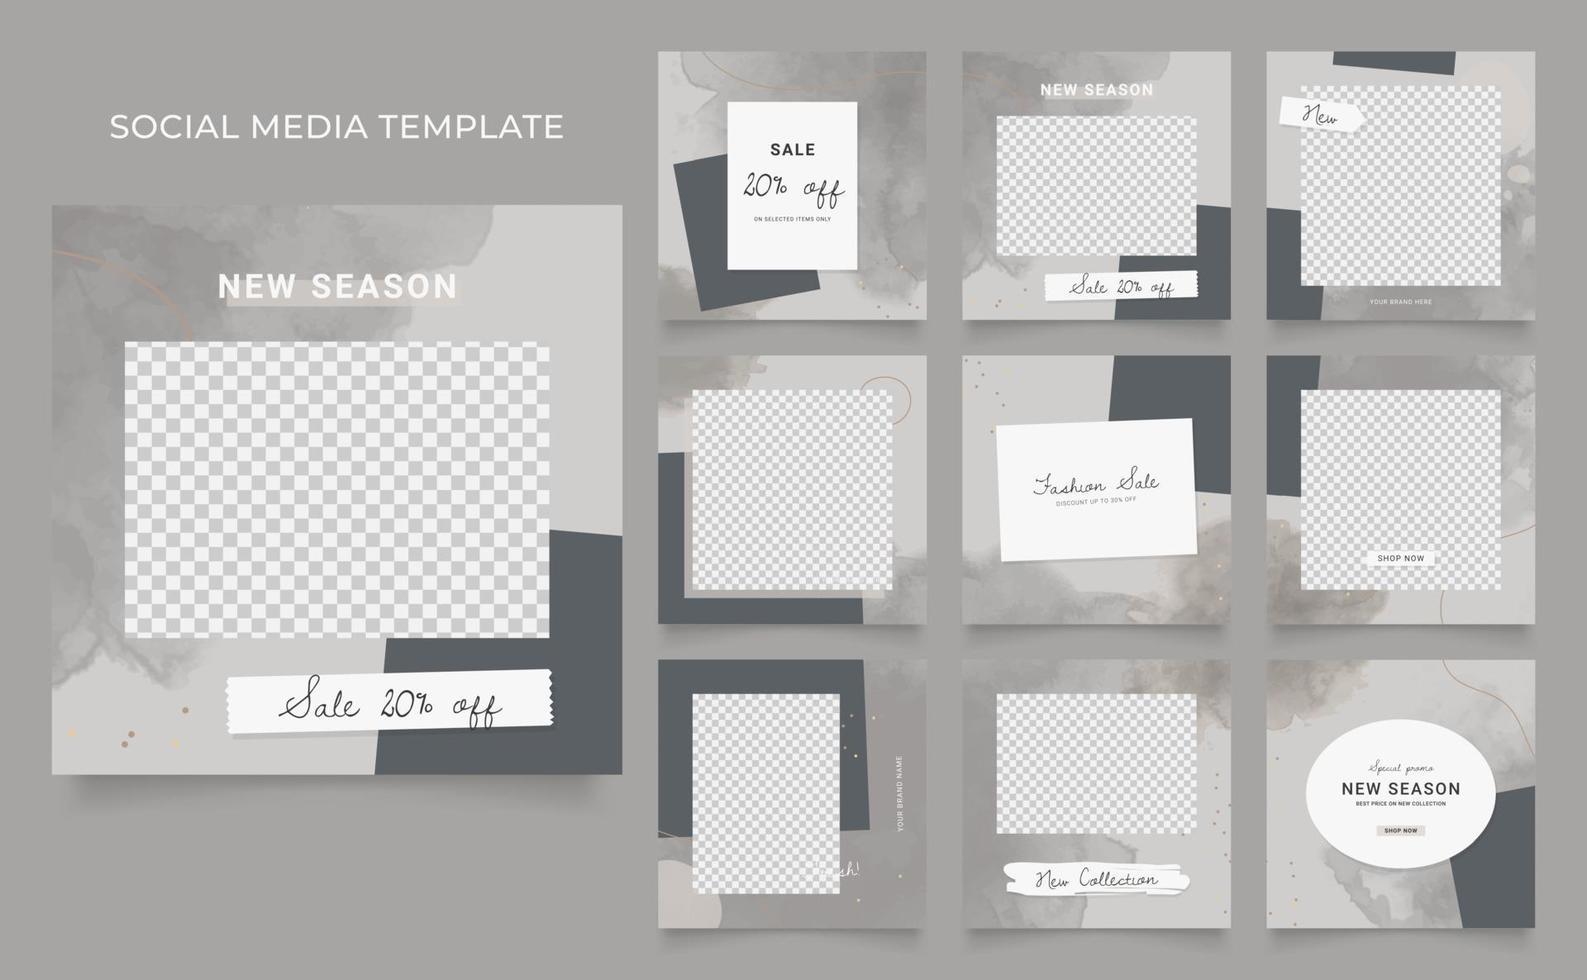 promozione di vendita di moda di blog di banner modello di social media. poster di vendita organica di puzzle con cornice quadrata completamente modificabile. sfondo vettoriale acquerello grigio marrone